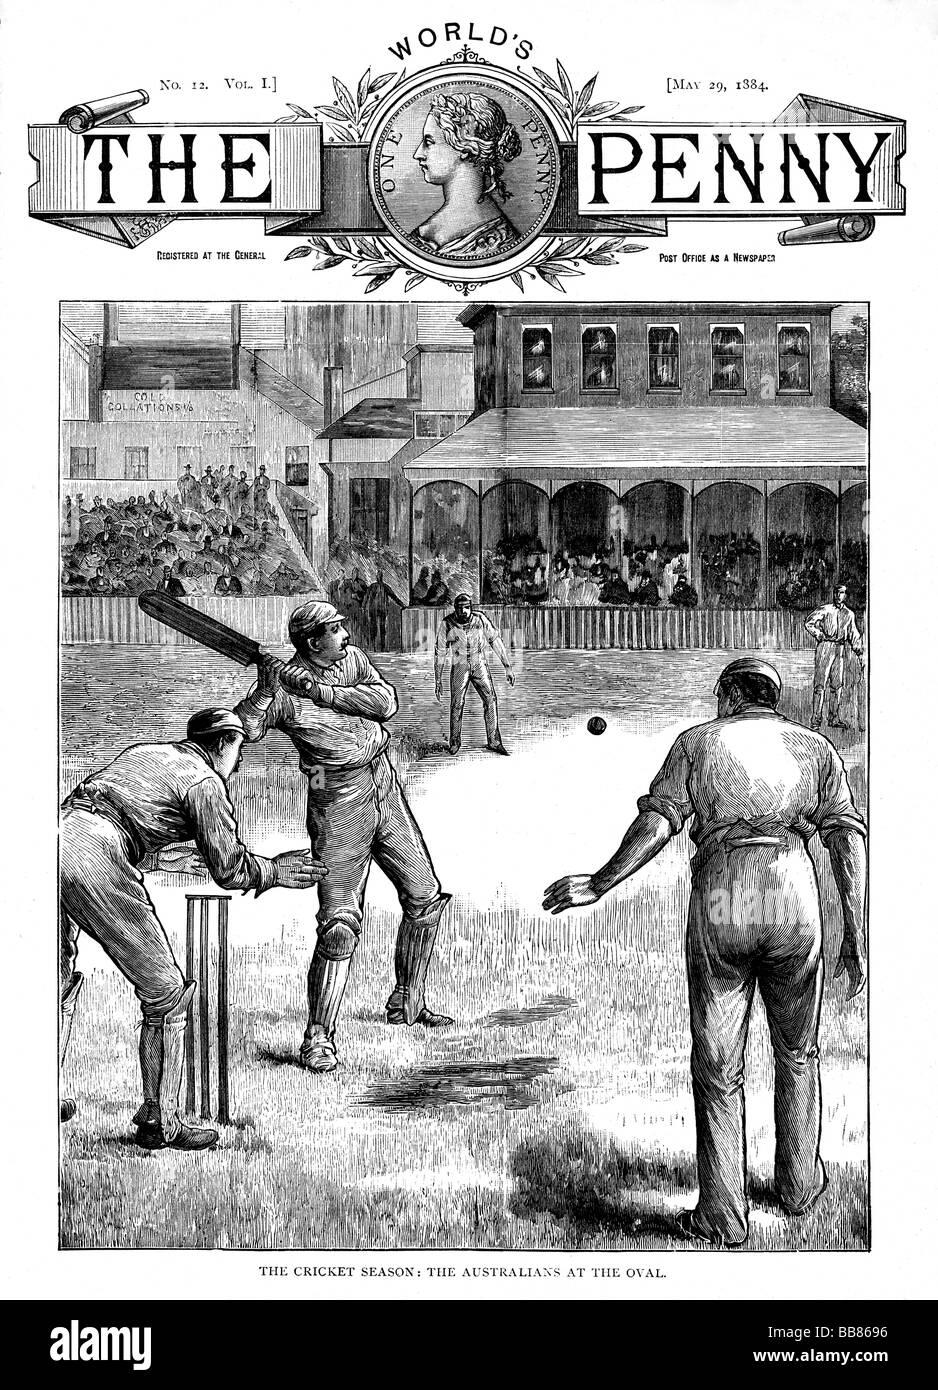 Australien im Oval 1884 Magazin-Cover mit der Touring australische Asche Team spielen Surrey im Mai Stockbild